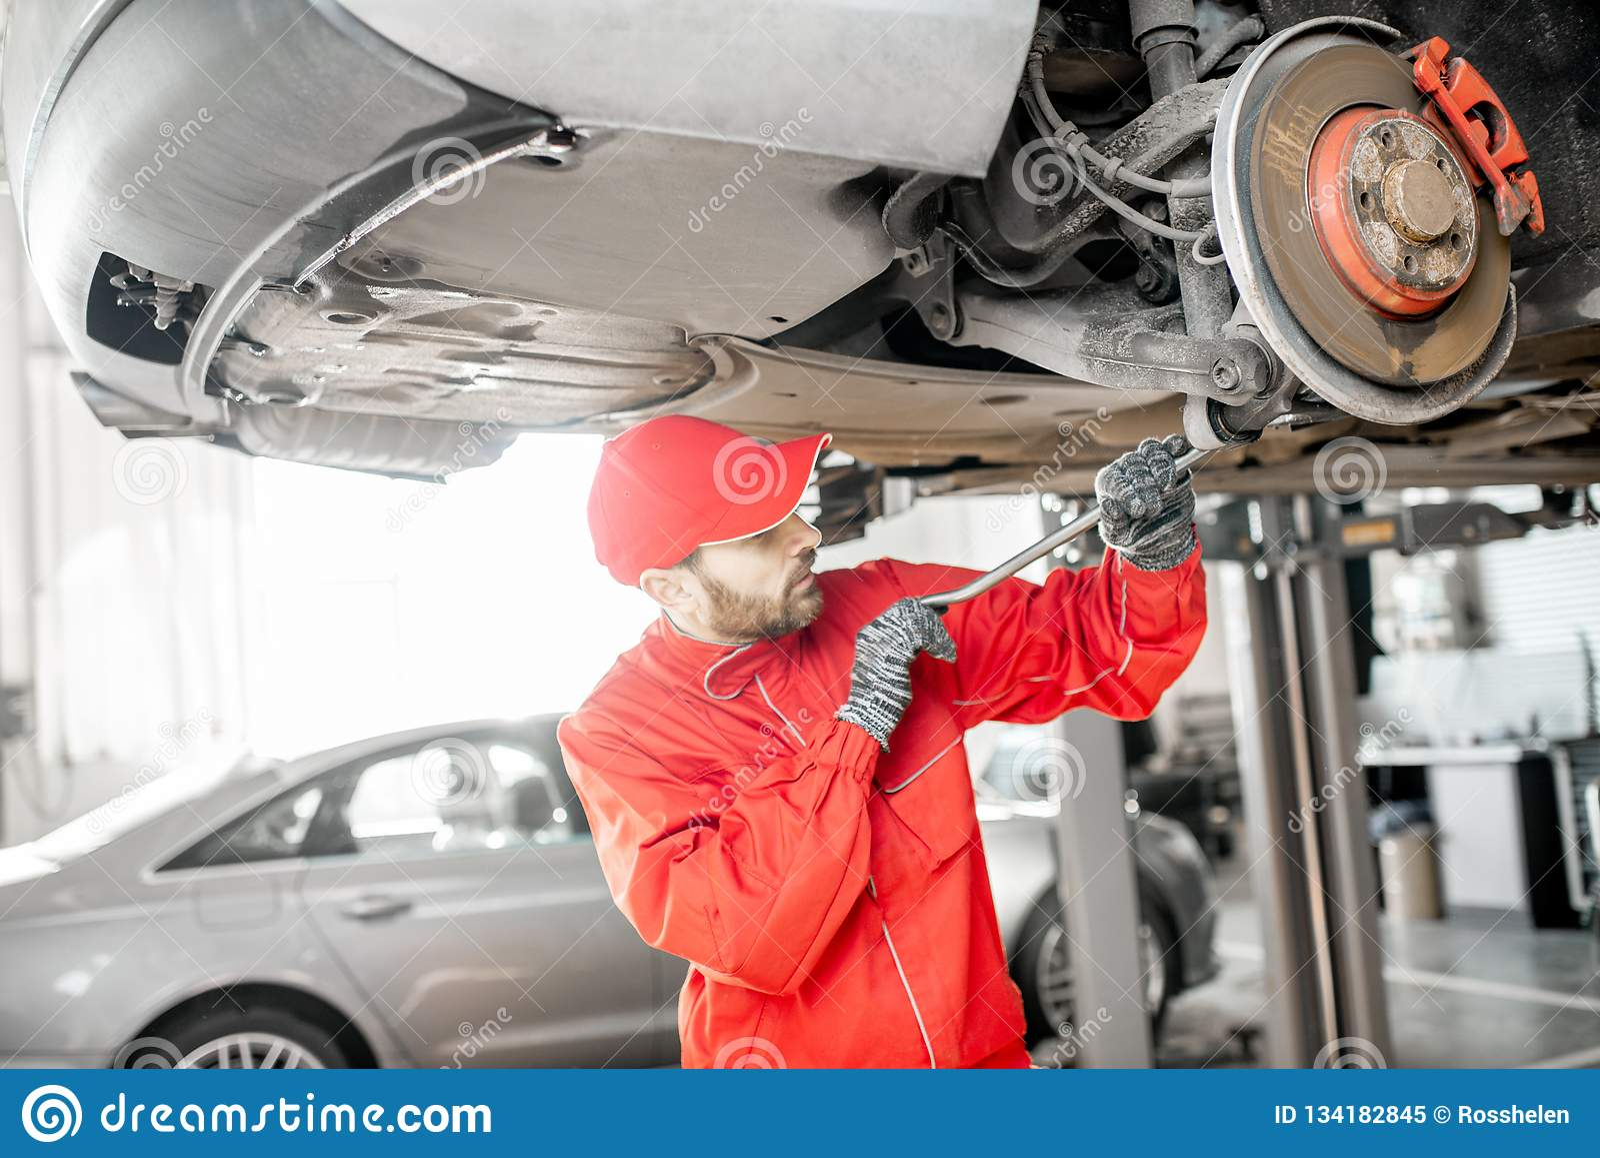 Auto mechanische het diagnostiseren auto bij de autodienst